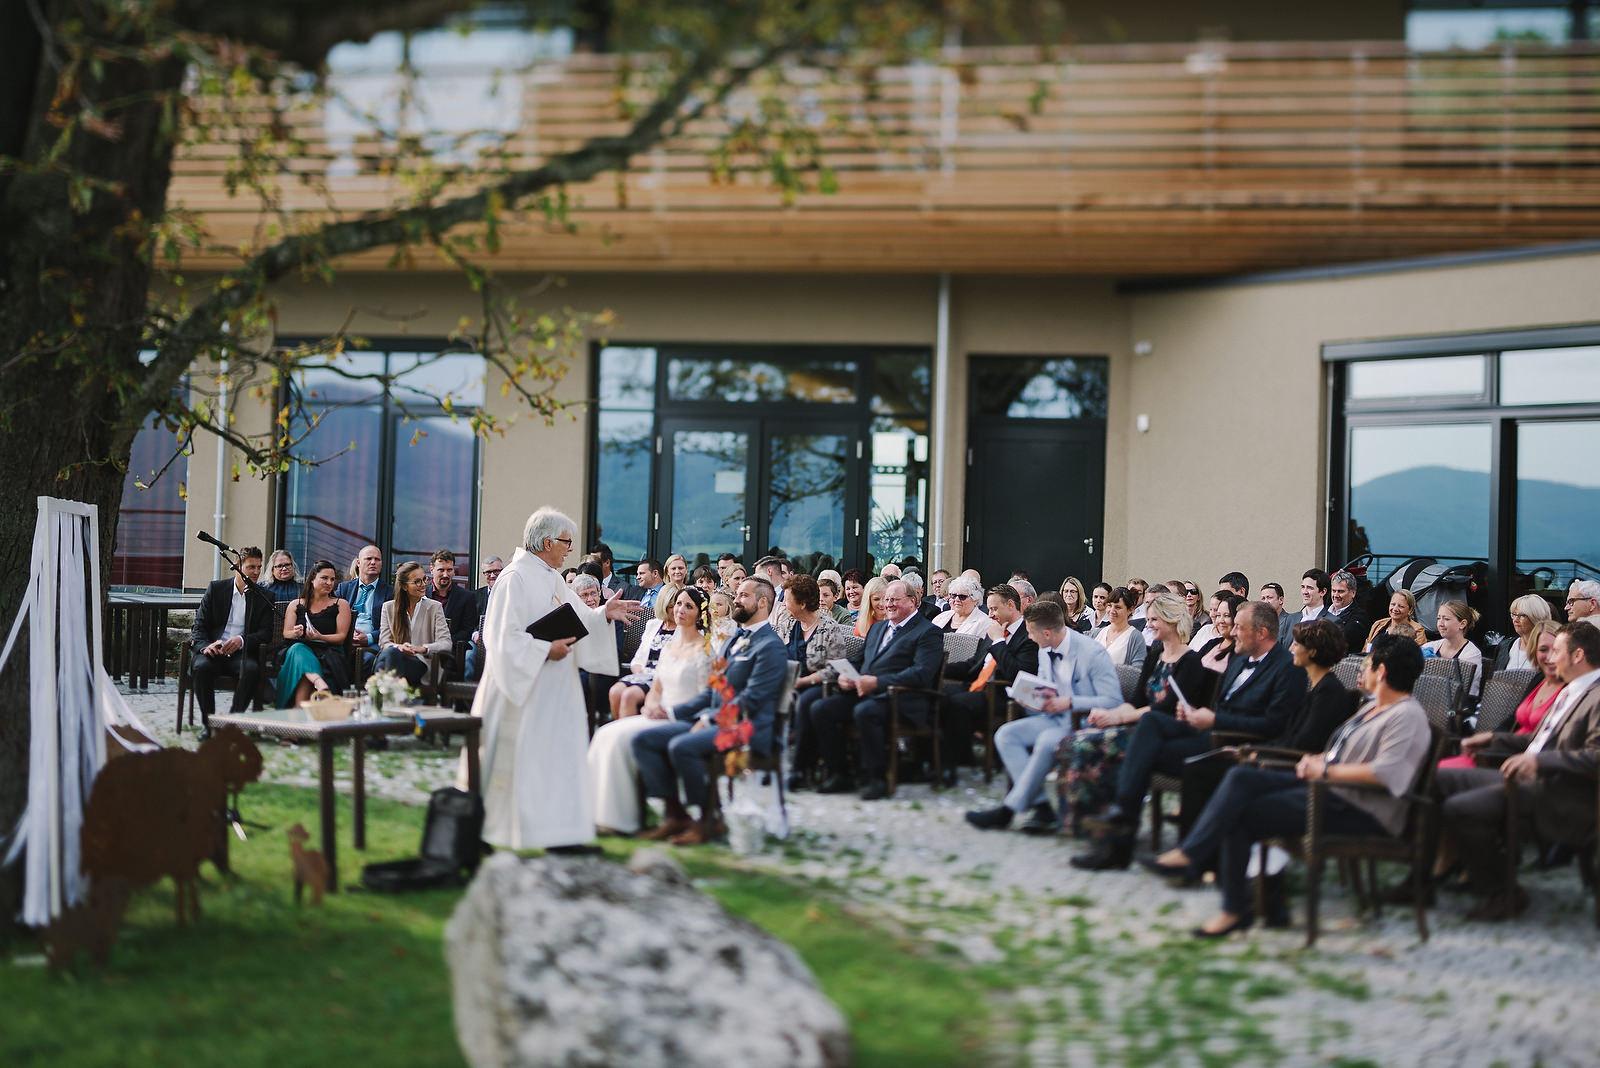 Fotograf Konstanz - Hochzeitsfotograf Reutlingen Achalm Hochzeit EFP 47 - Documentary wedding story on the Achalm, Reutlingen  - 38 -